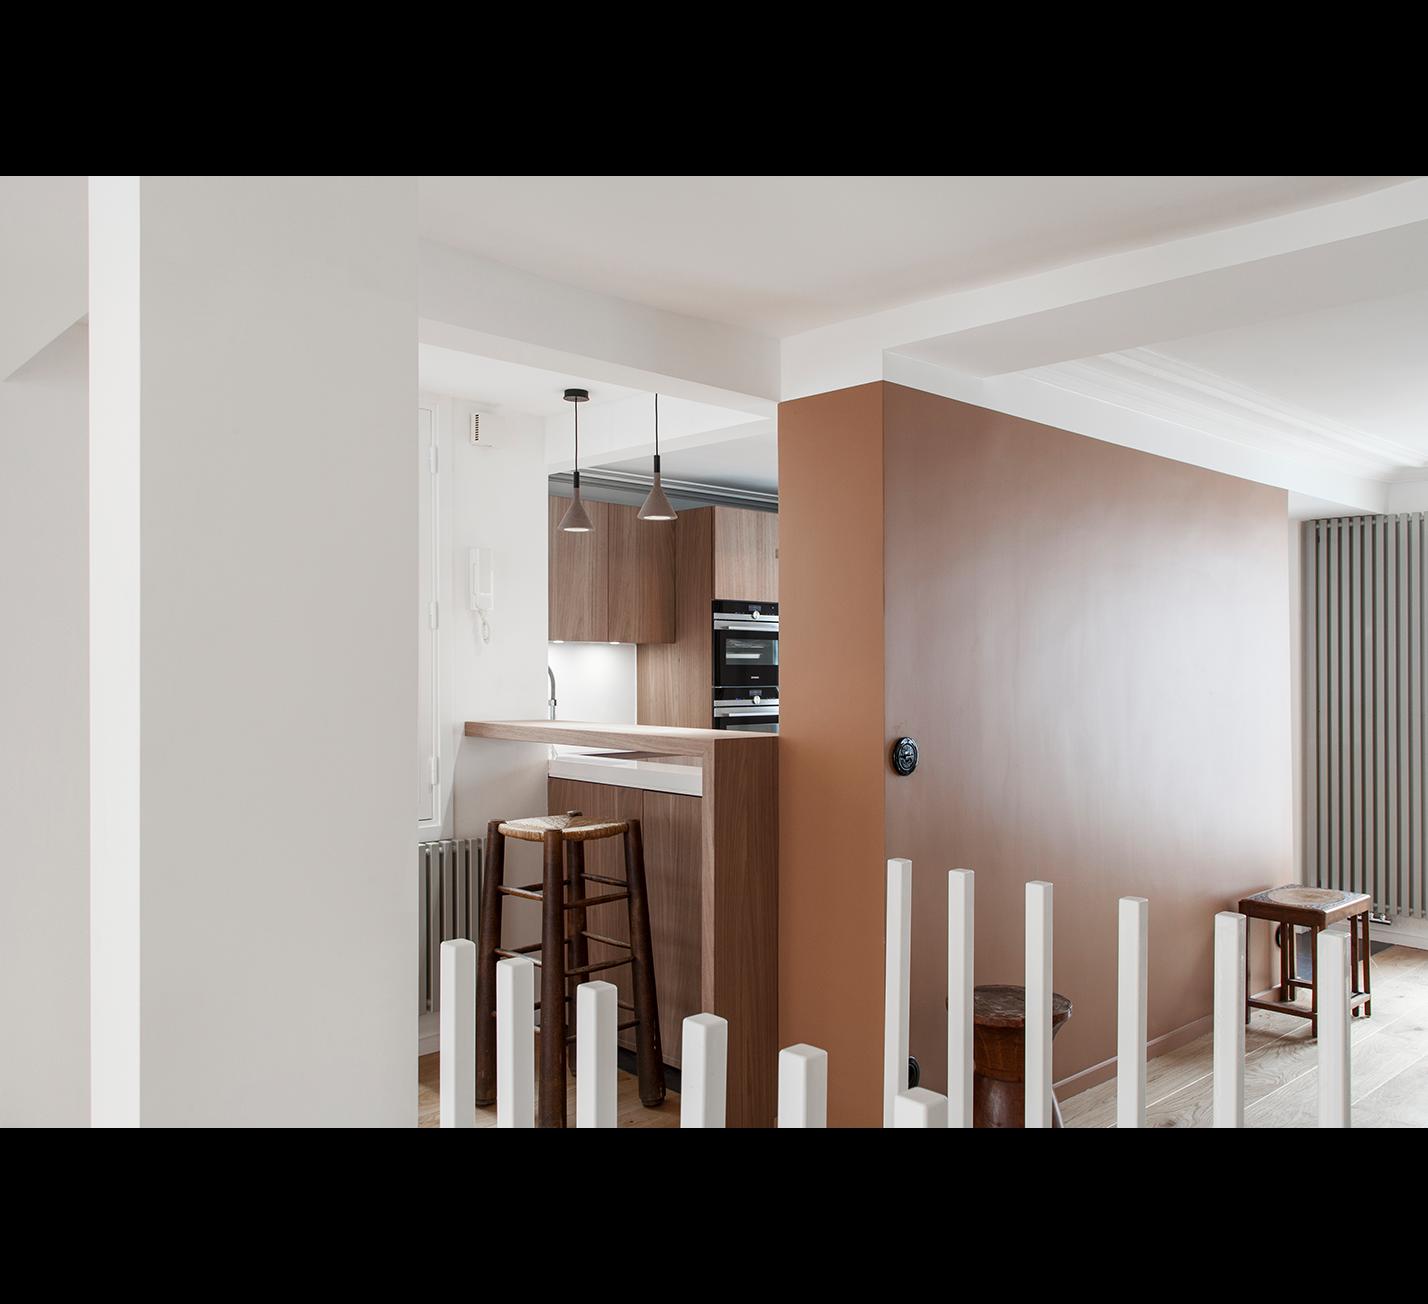 Projet-Pigalle-Atelier-Steve-Pauline-Borgia-Architecture-interieur-03